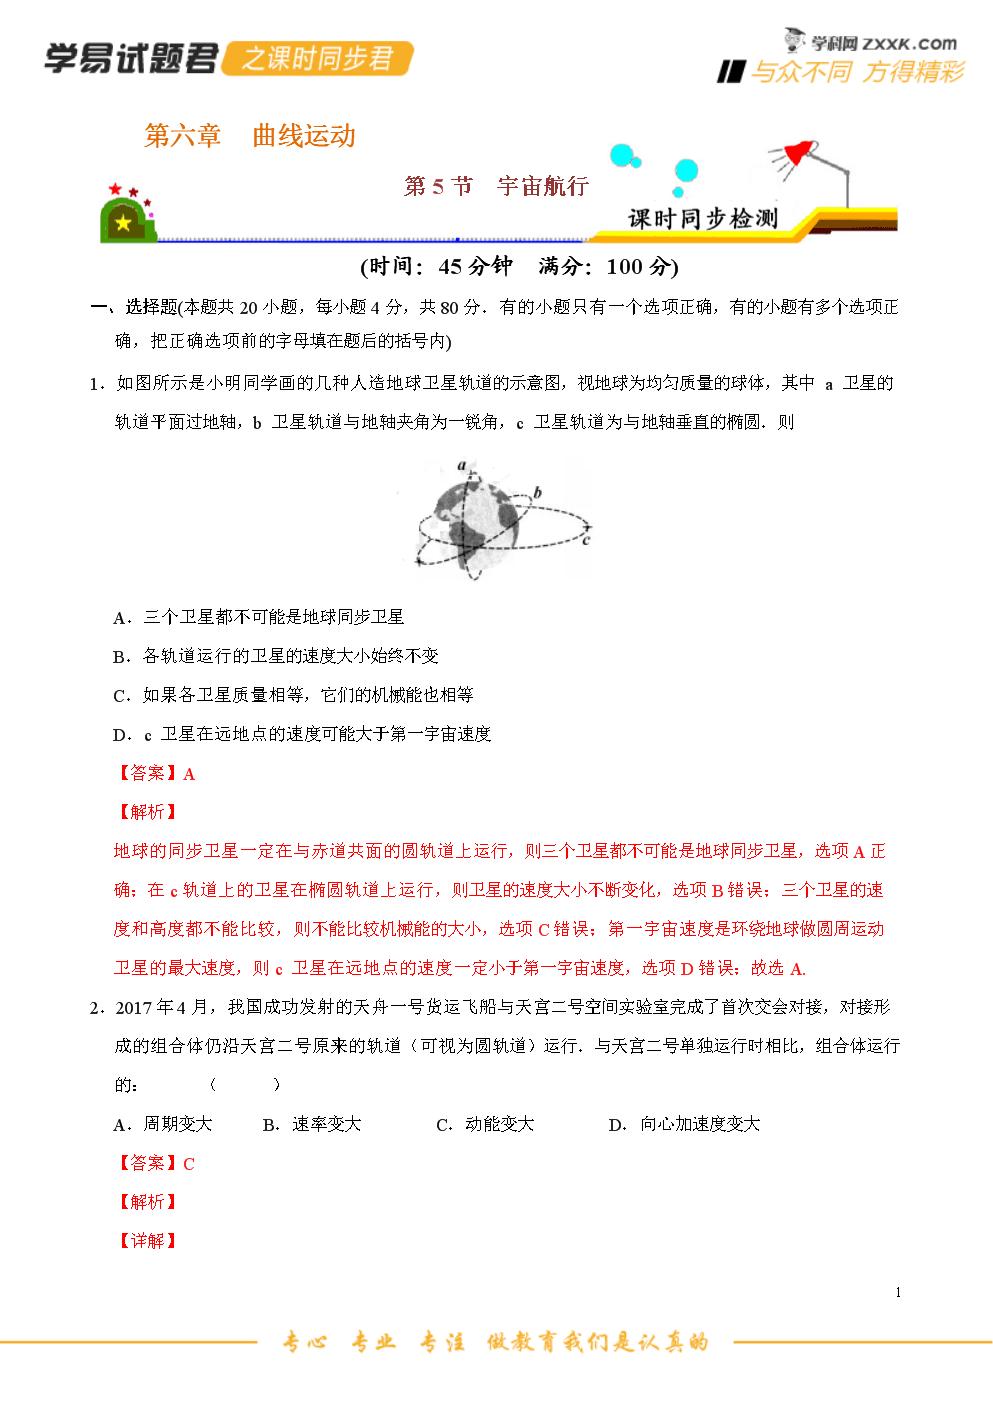 6.5宇宙航行(解析版)-2019-2020学年高一物理课时同步检测(人教版必修2).docx